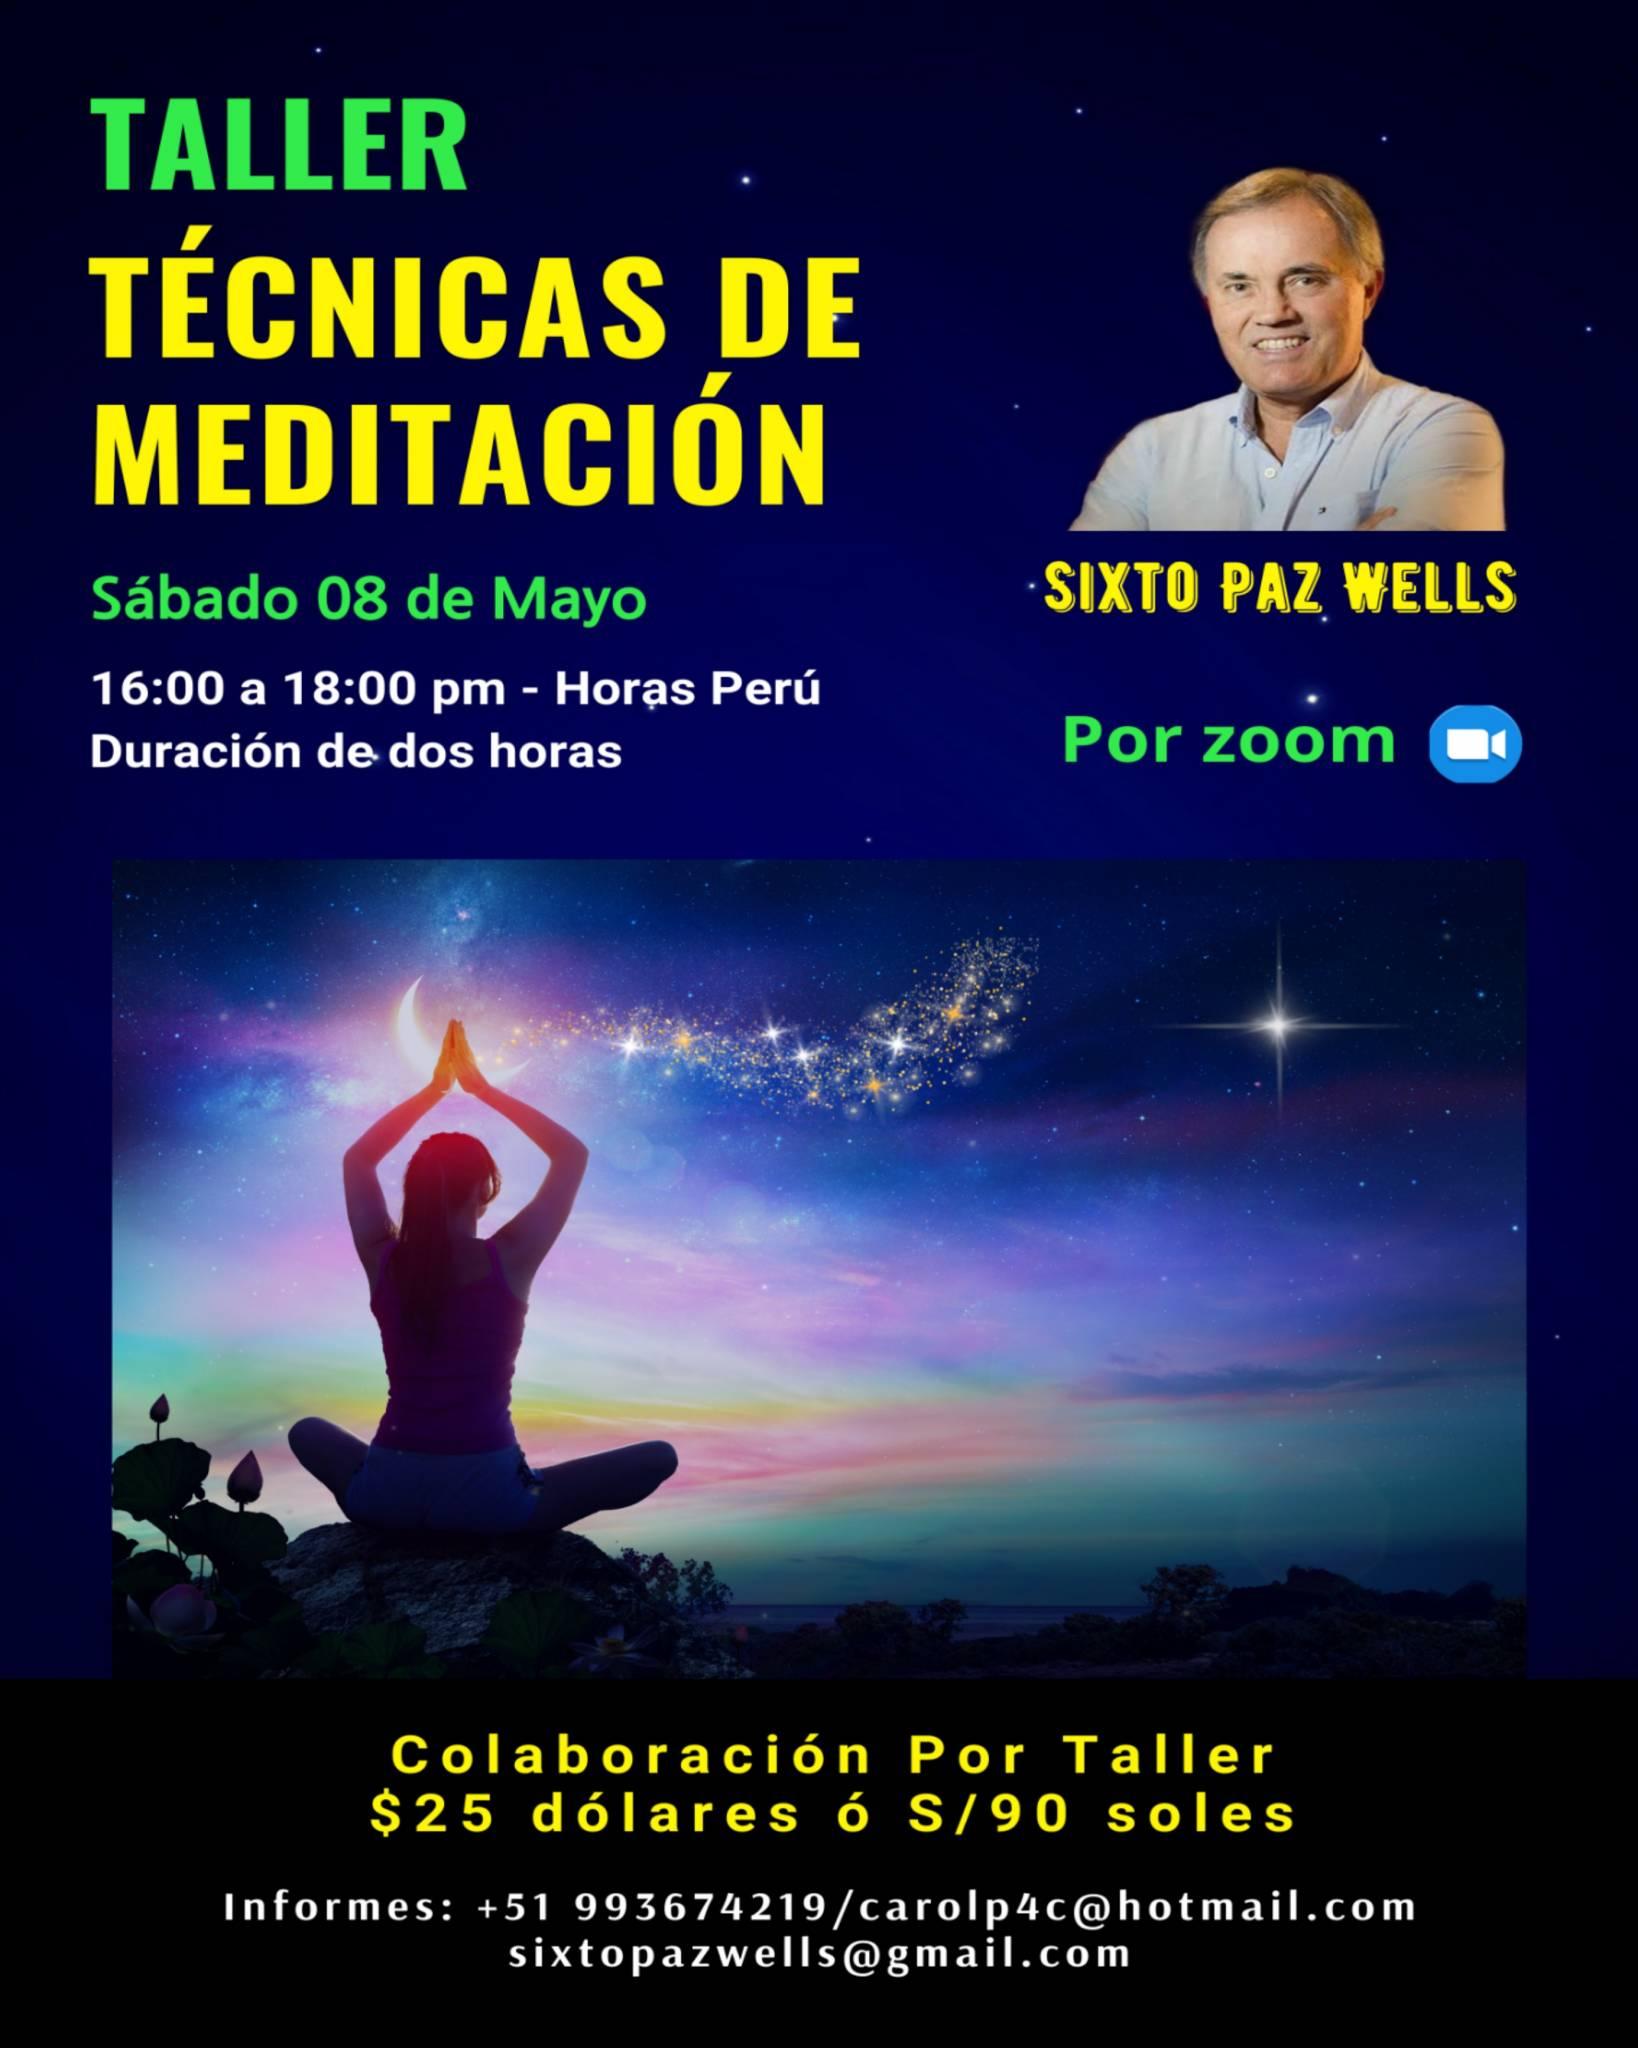 TALLER TÉCNICAS DE MEDITACIÓN